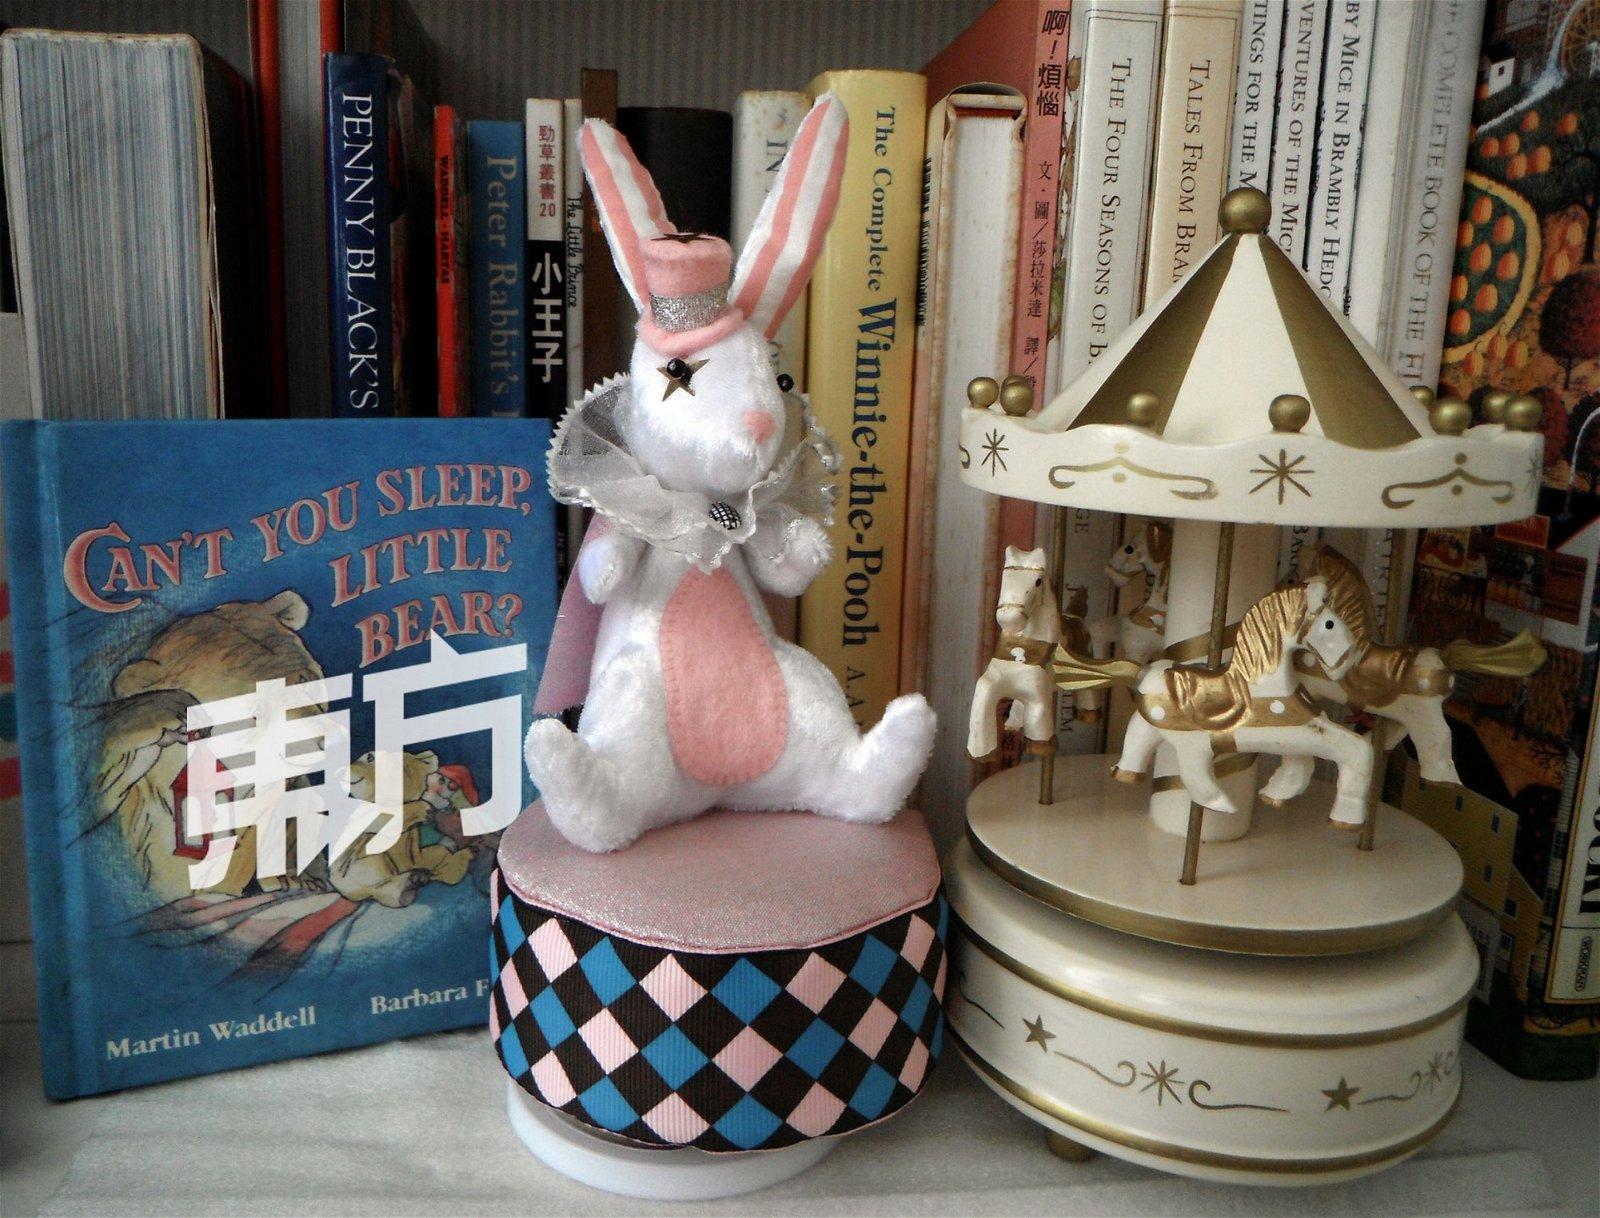 浪漫系列的娃娃音乐盒以粉色系为主。